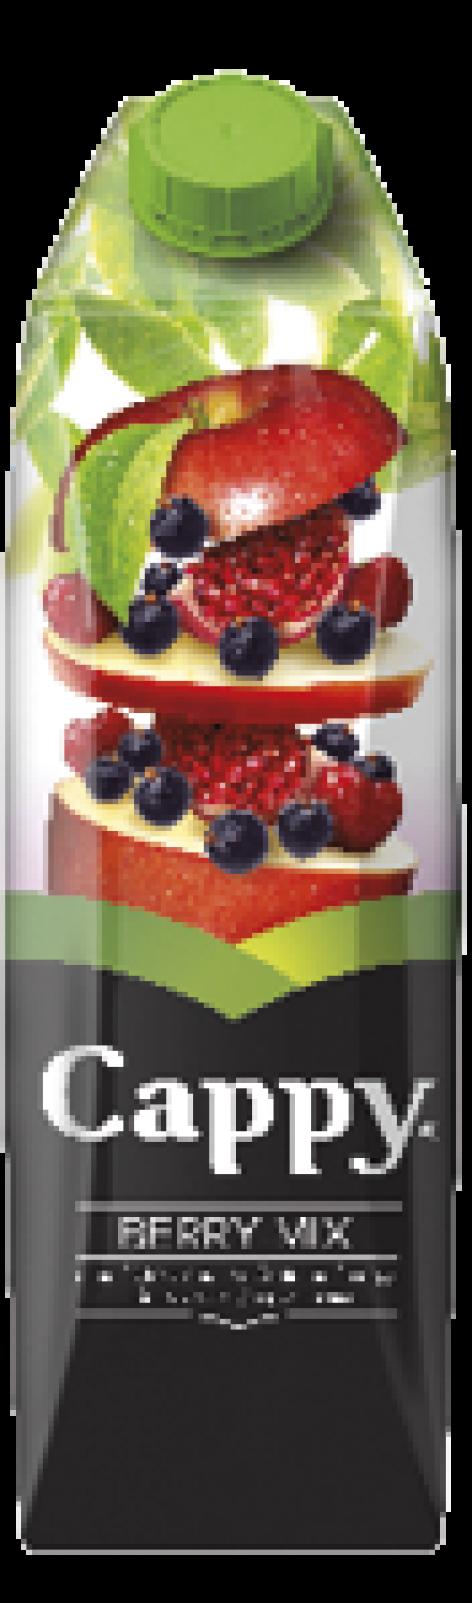 Cappy gyümölcsitalok 1 l-es kiszerelésben, új Tetra Pak csomagolásban